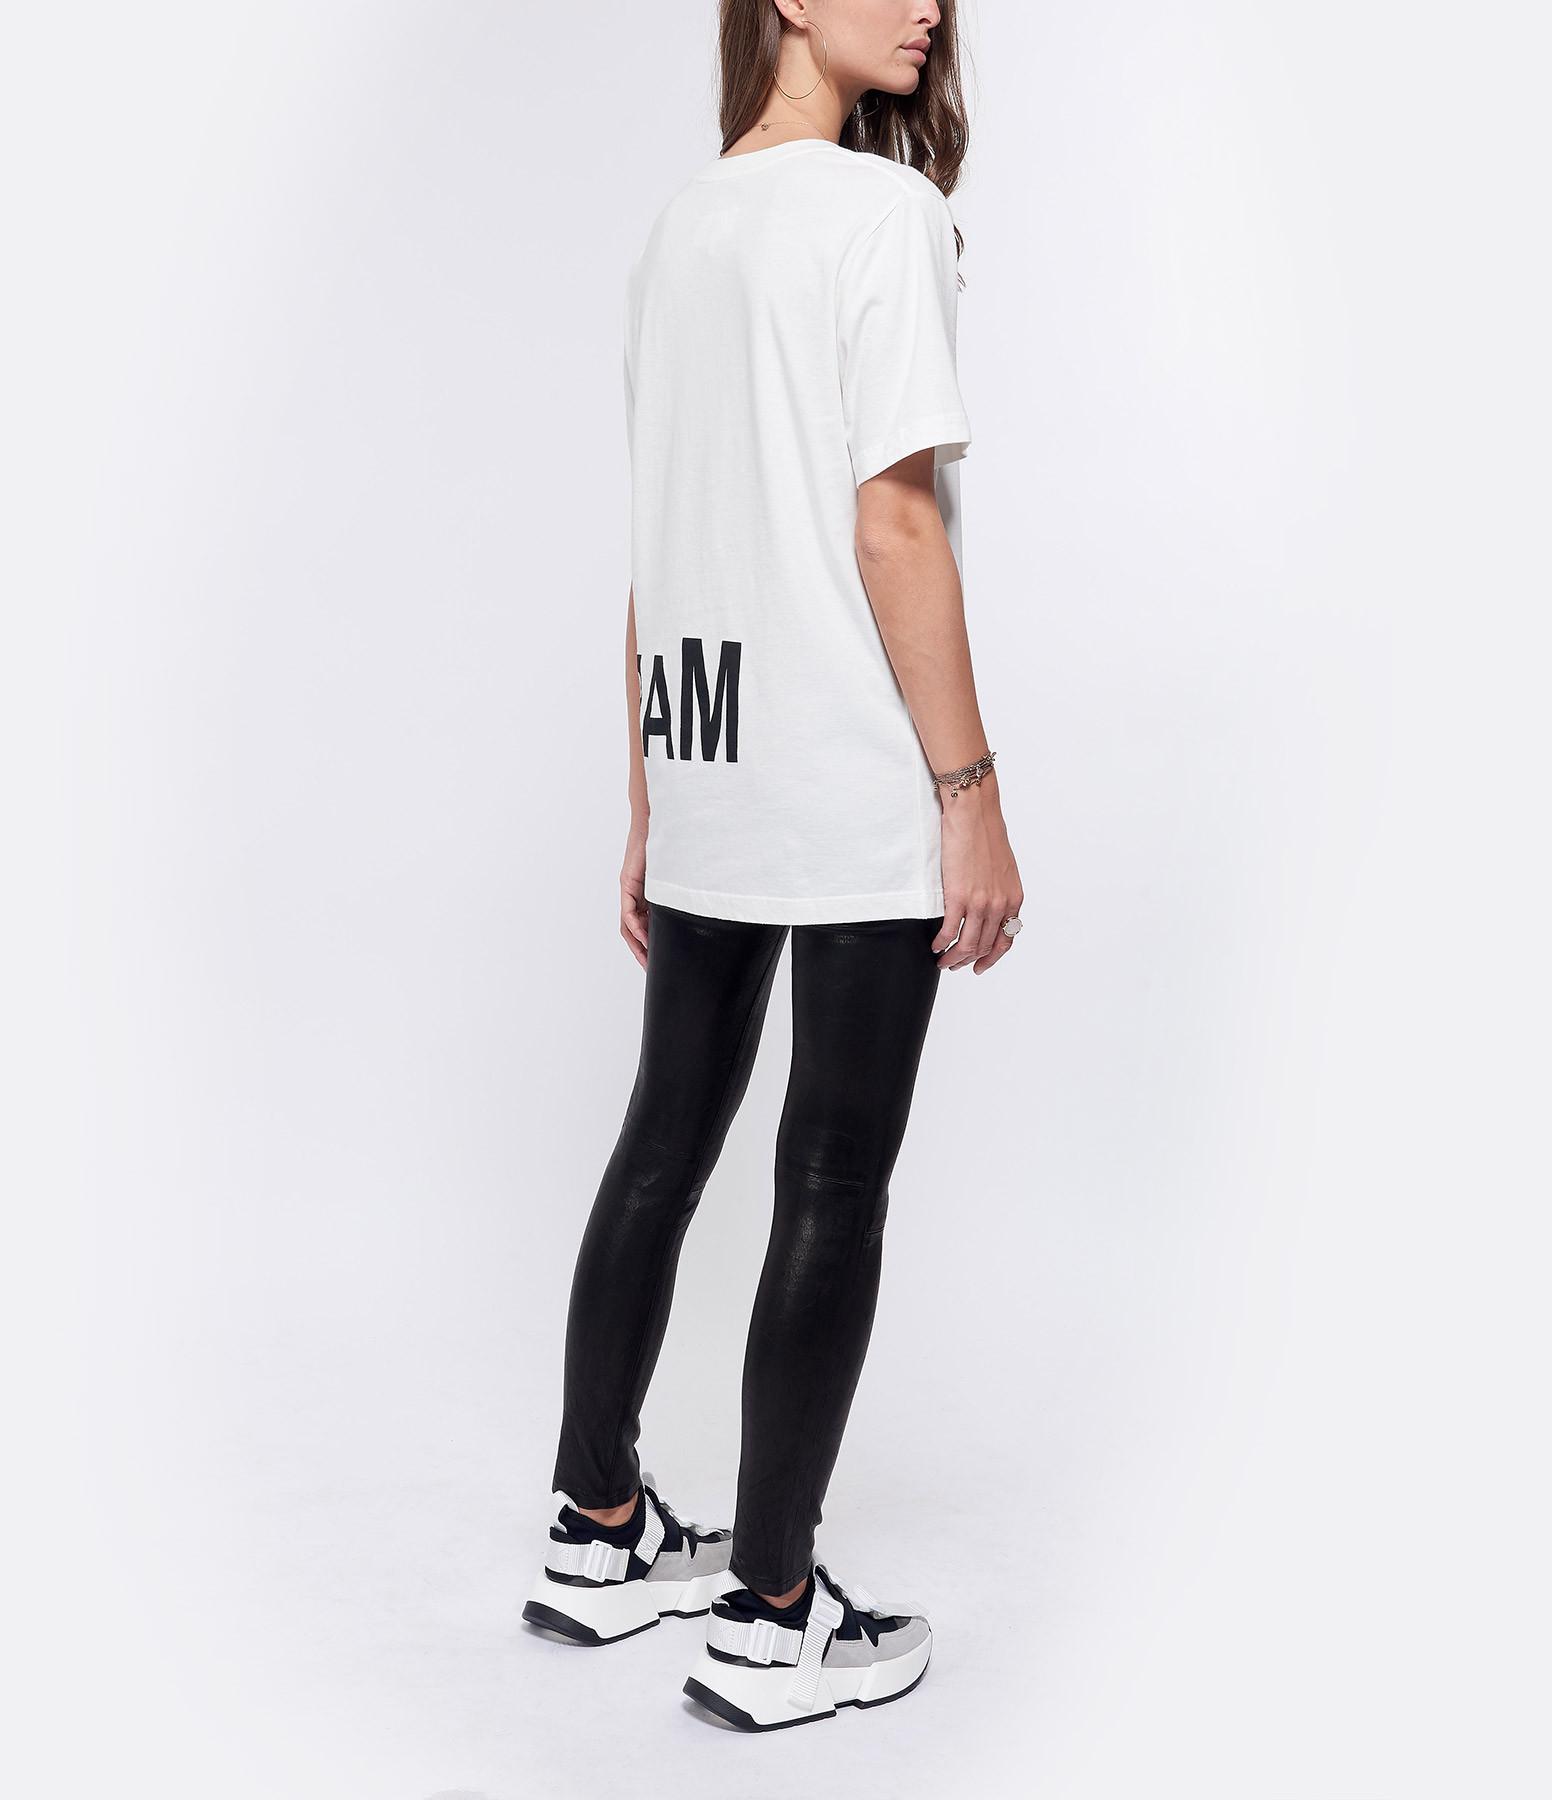 MM6 MAISON MARGIELA - Tee-shirt Imprimé Margiela Beige